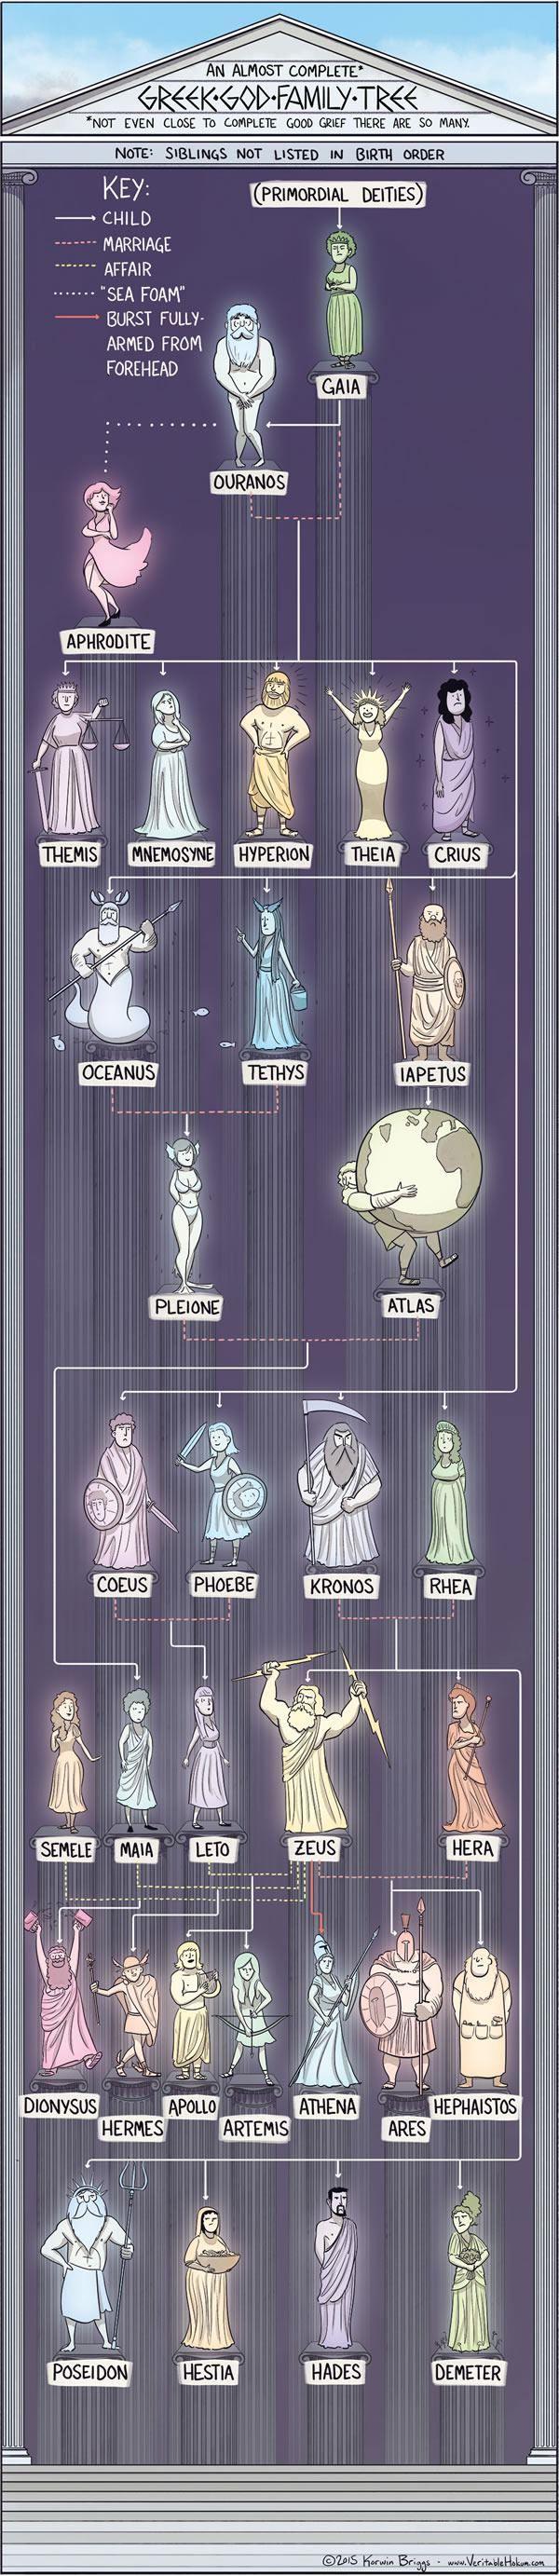 El árbol genealógico de los Dioses Griegos Korwin Briggs